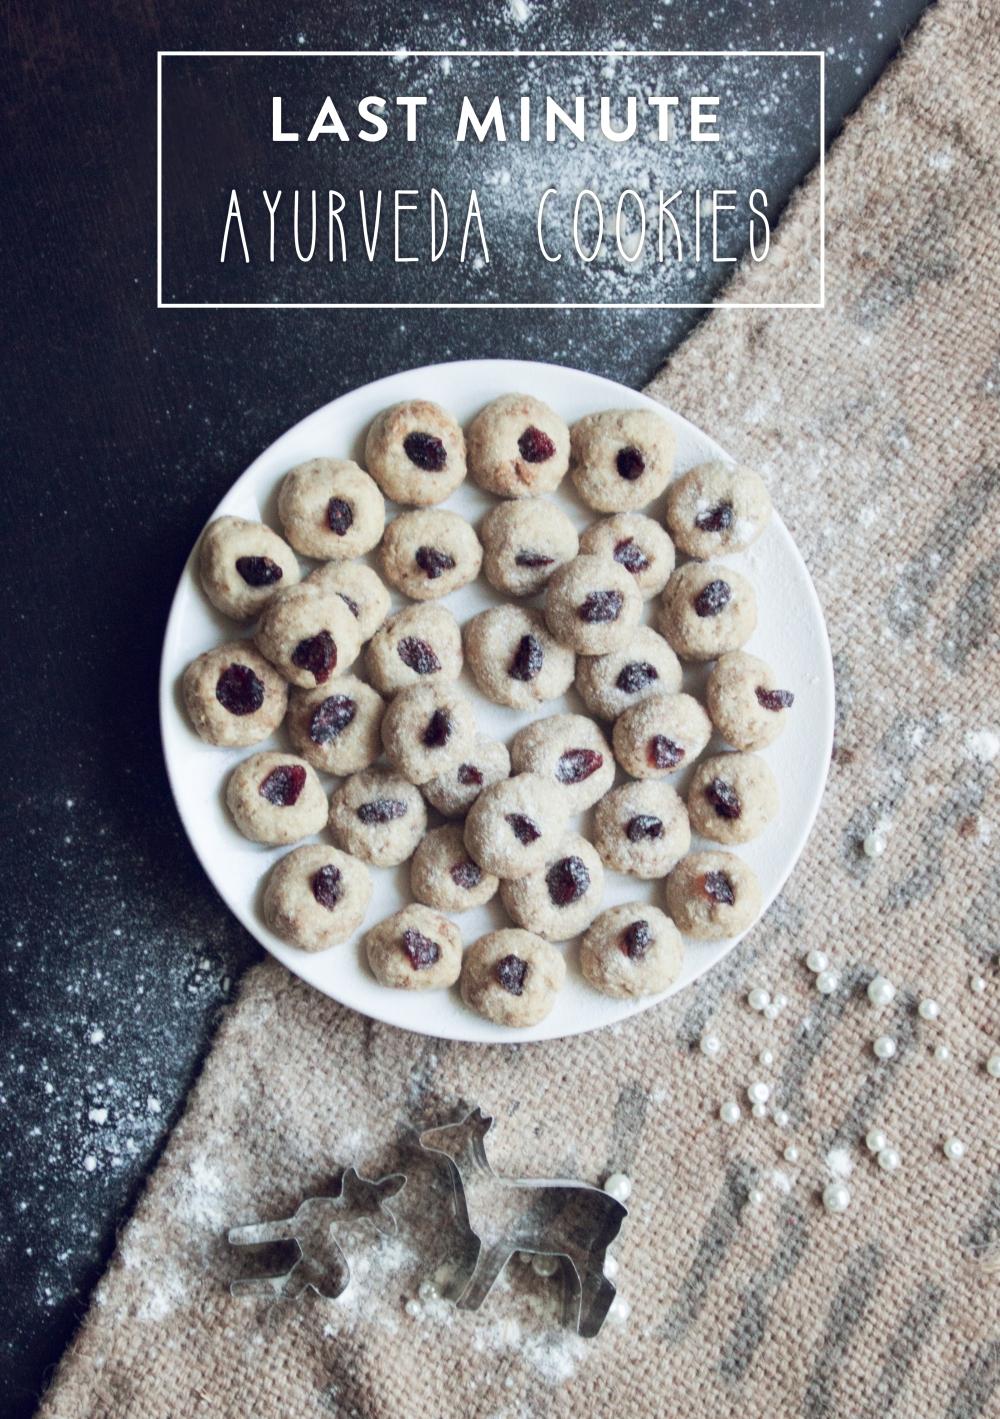 Ayurveda Christmas Cookies | by JuYogi